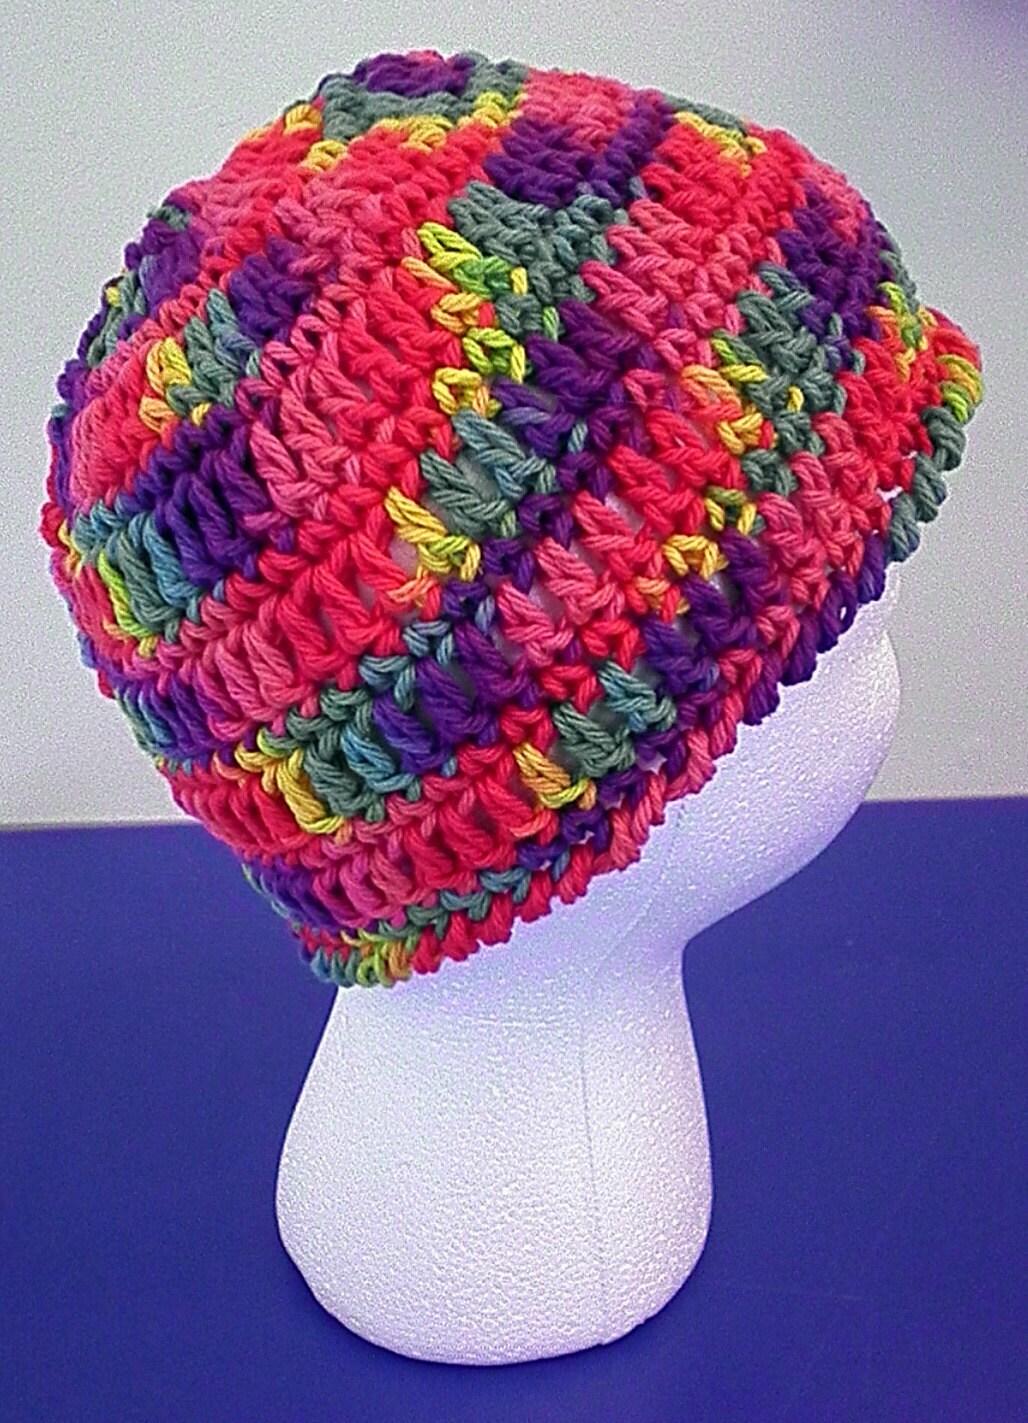 Rainbow Fiesta Cotton Crocheted Hat (Teen/Adult size)